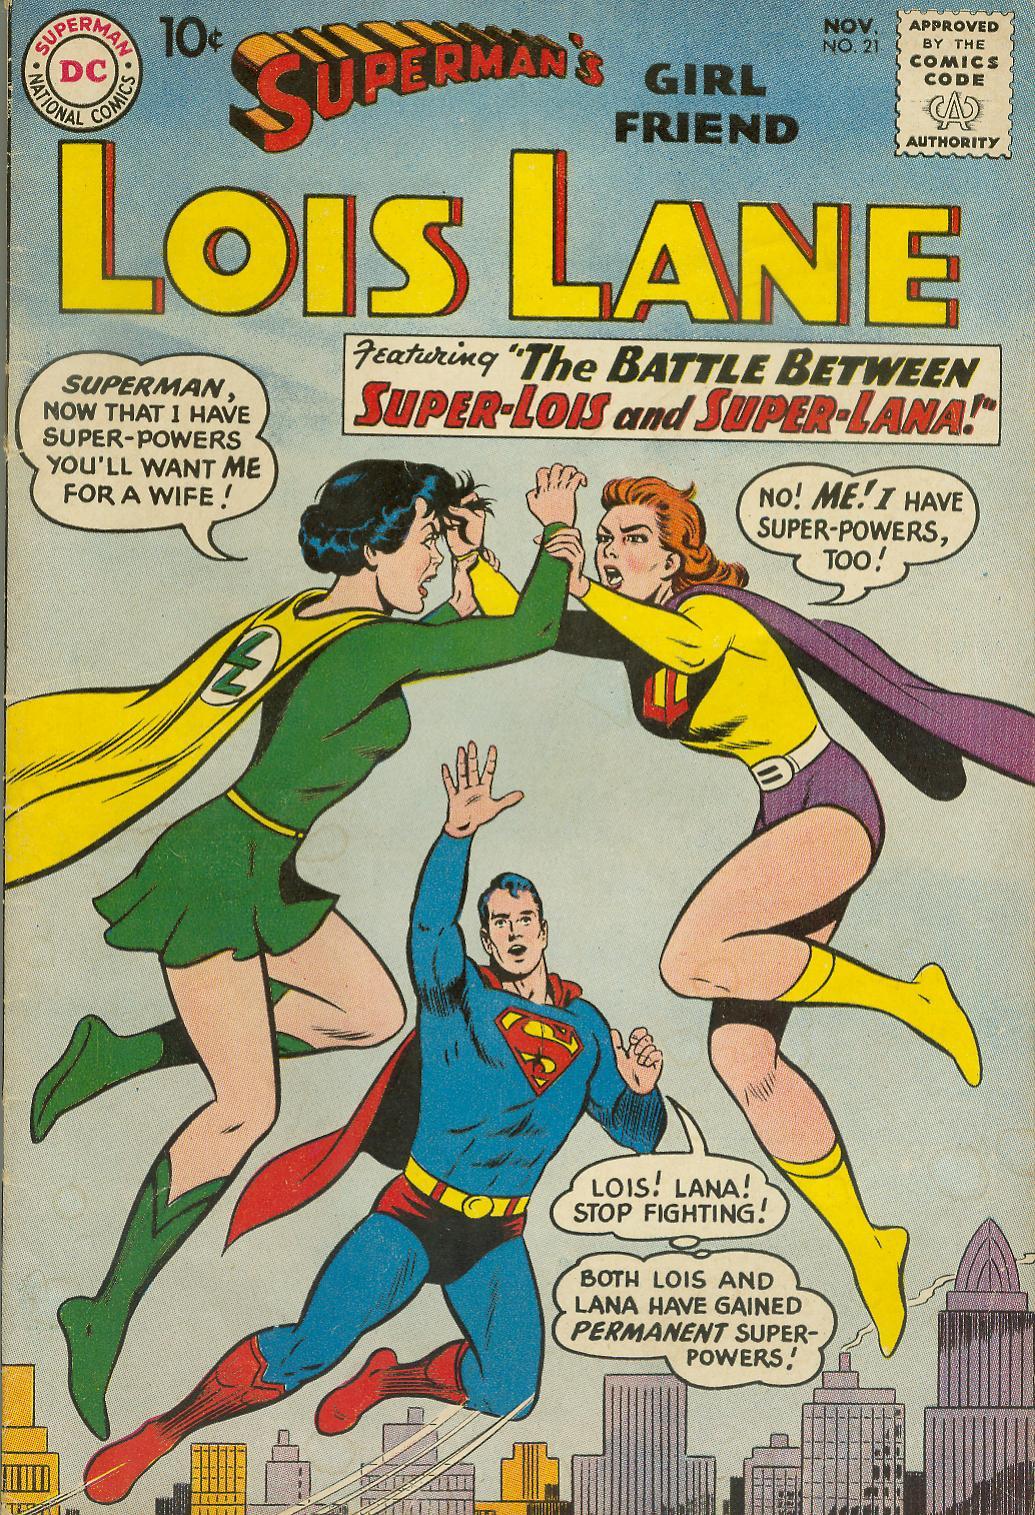 Supermans Girl Friend, Lois Lane 21 Page 1